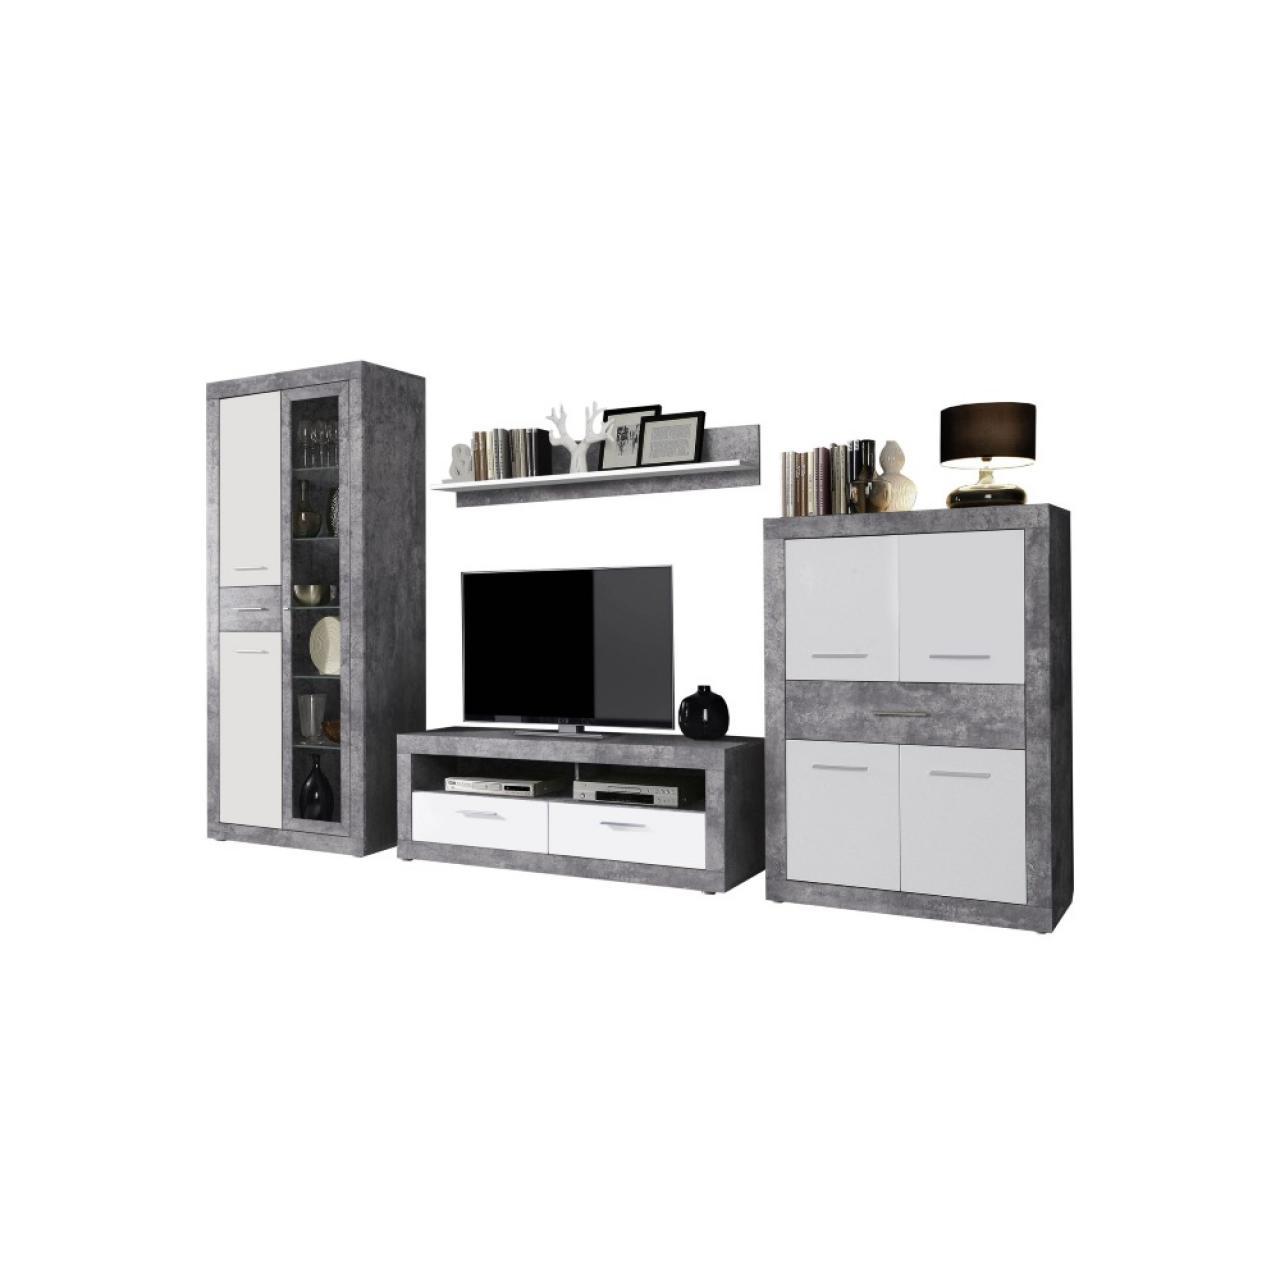 wohnwand vitus wohnm bel beton wei 4 teilig m bel j hnichen center gmbh. Black Bedroom Furniture Sets. Home Design Ideas